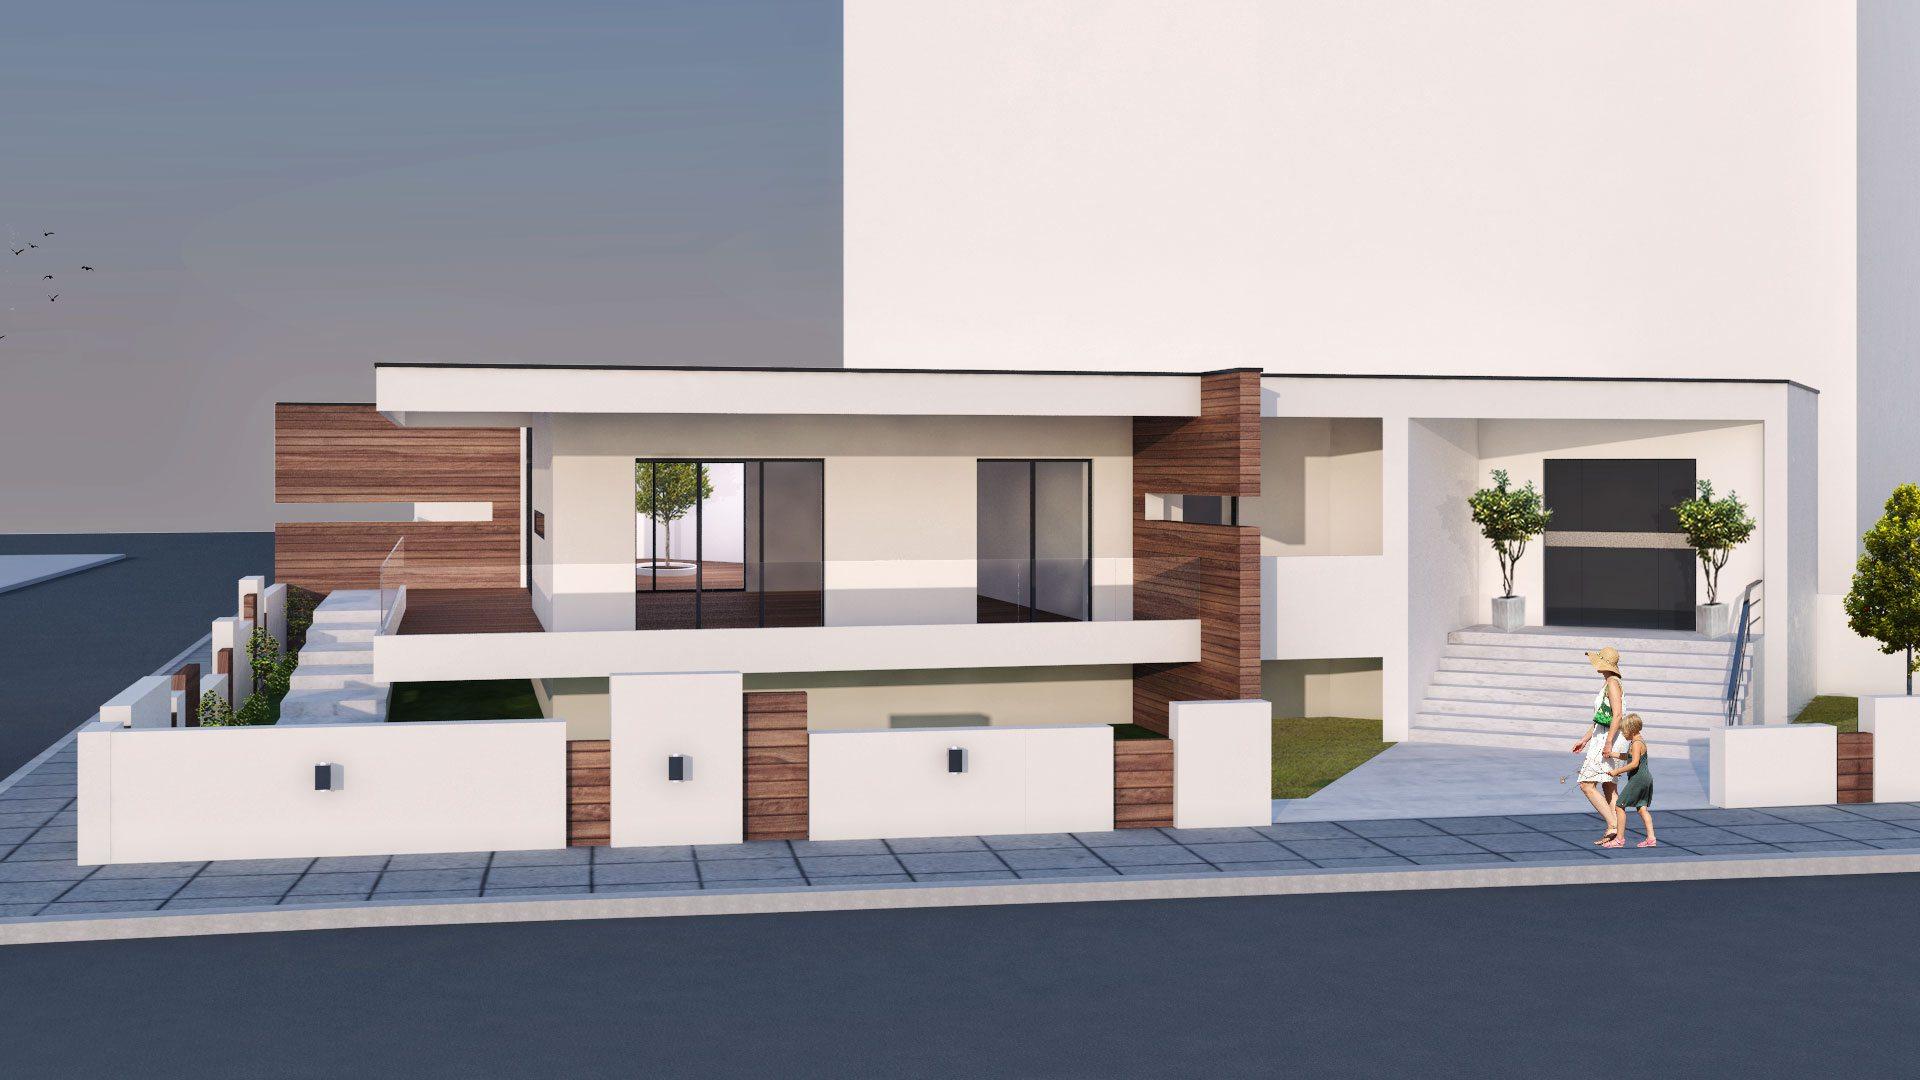 archicostudio_giannitsa_main-facade